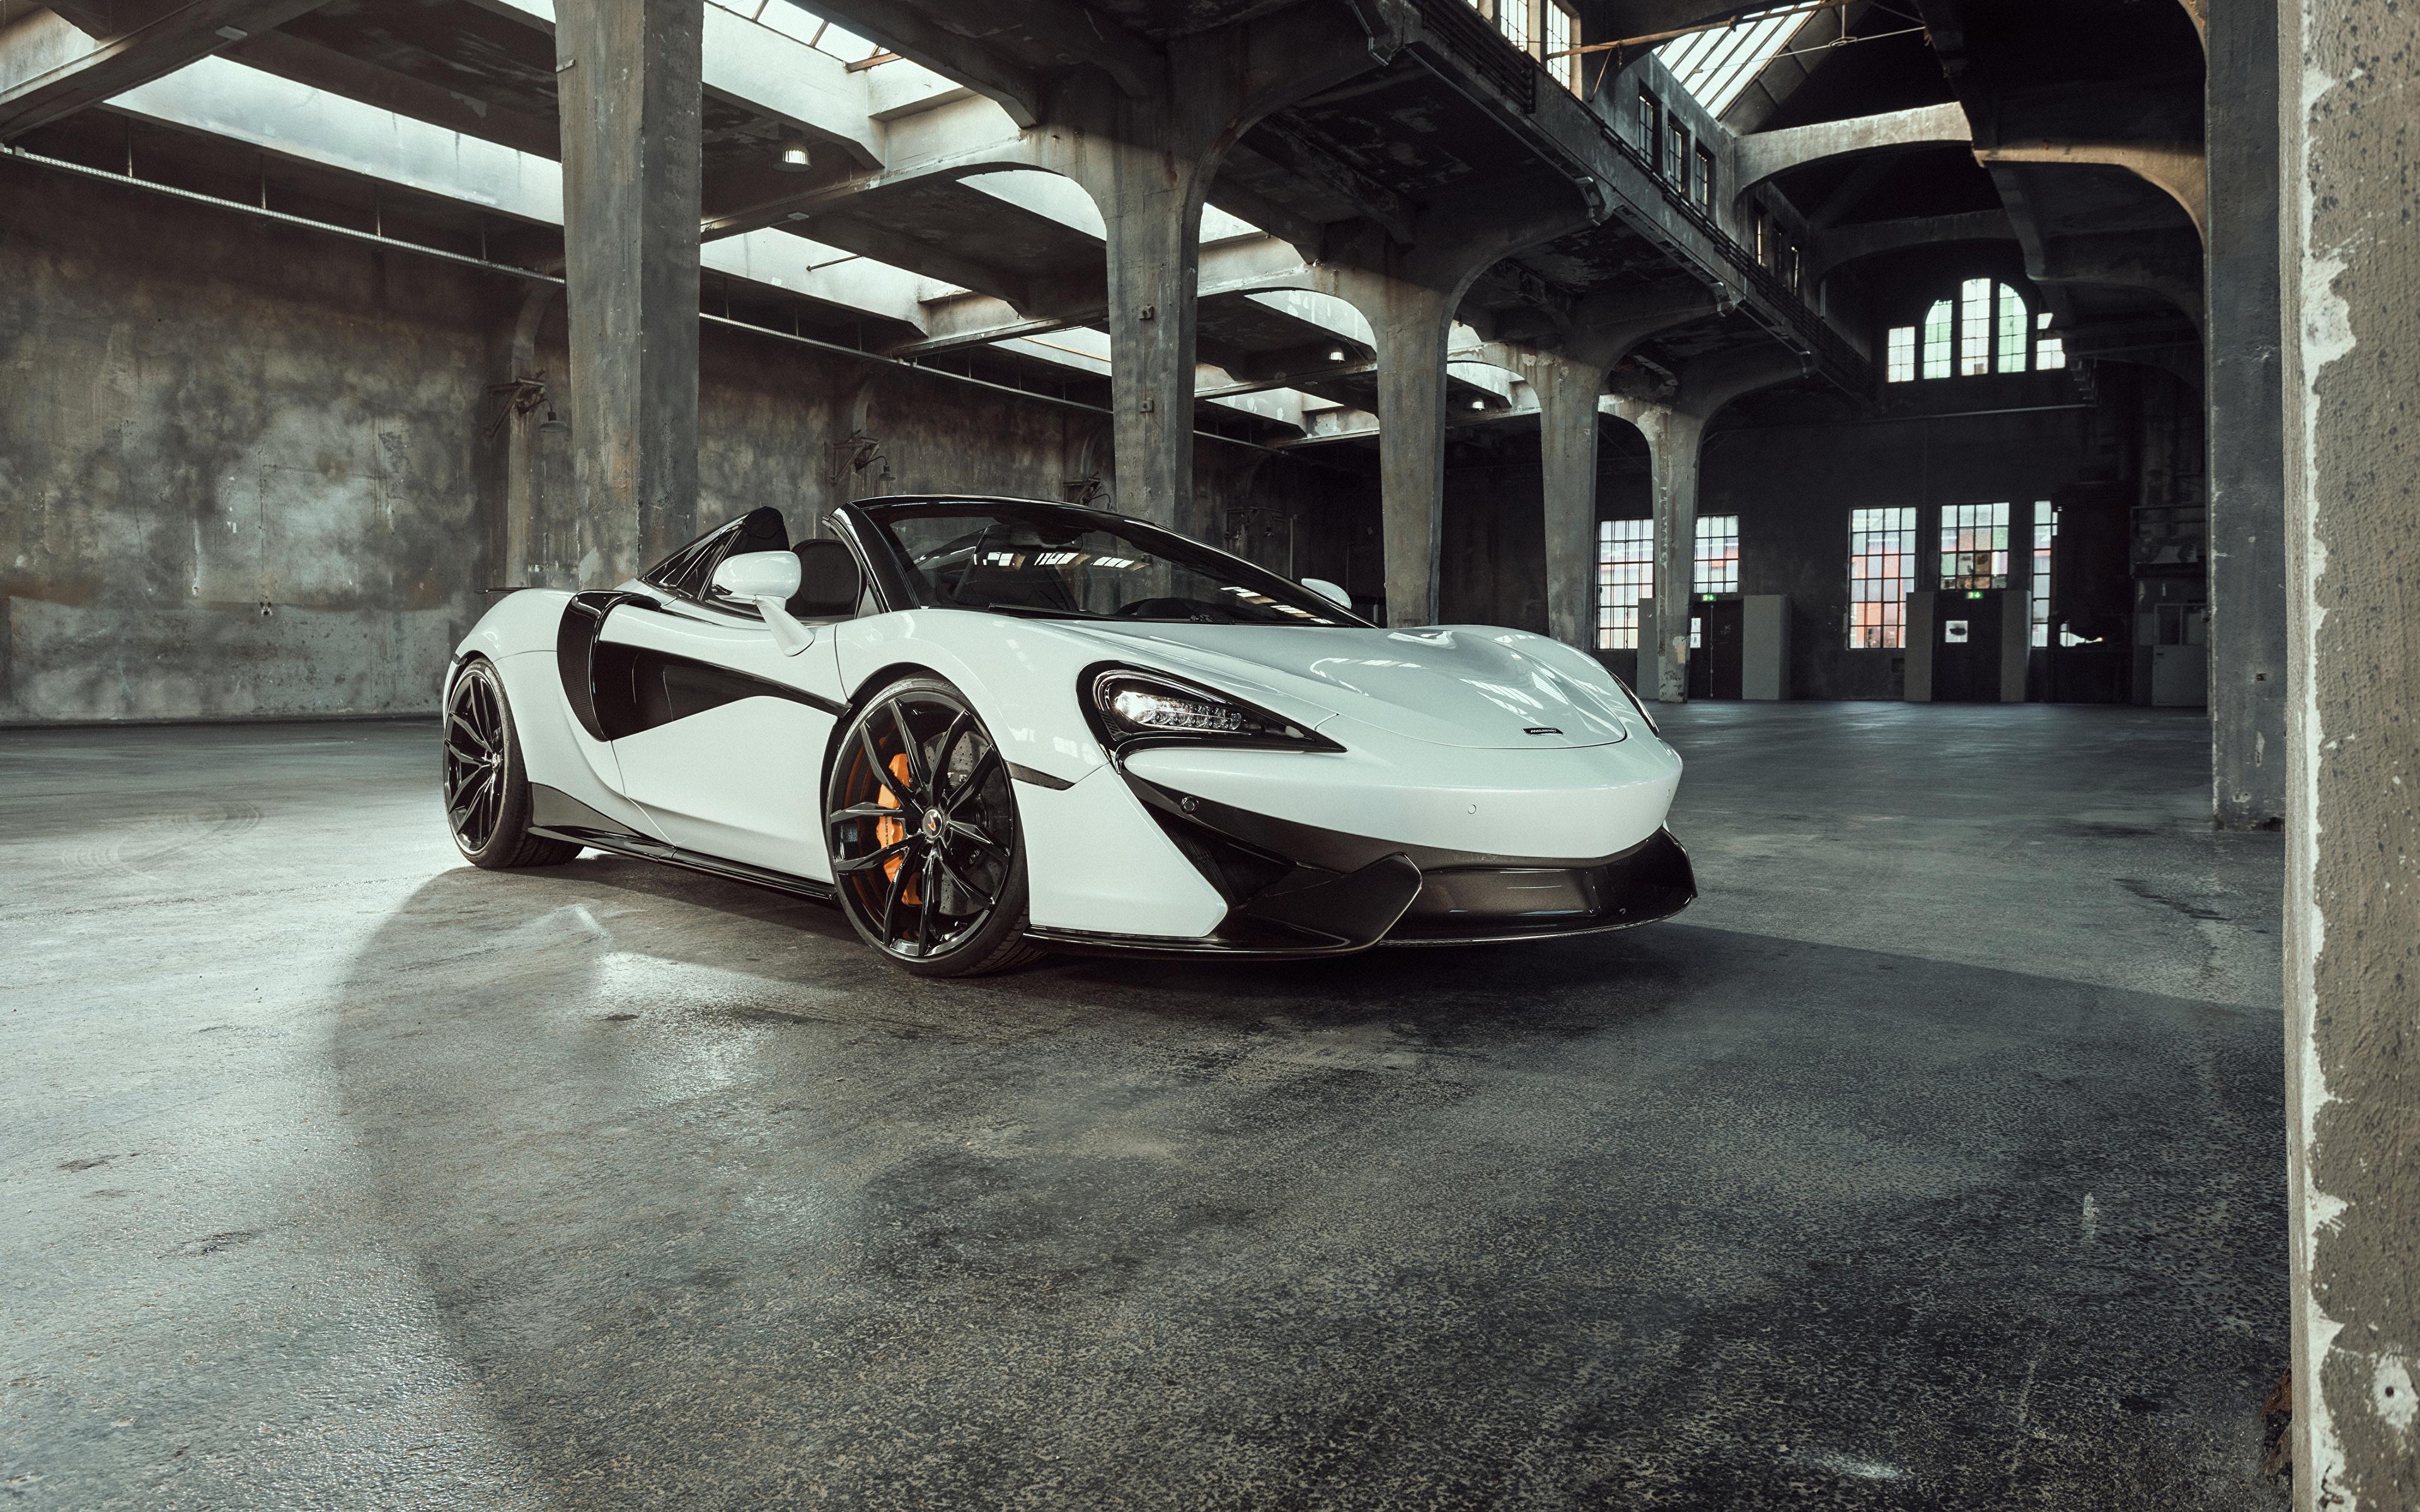 Фотография 2018 McLaren Senna Родстер белая Металлик Автомобили 3840x2400 Макларен белых белые Белый Авто Машины